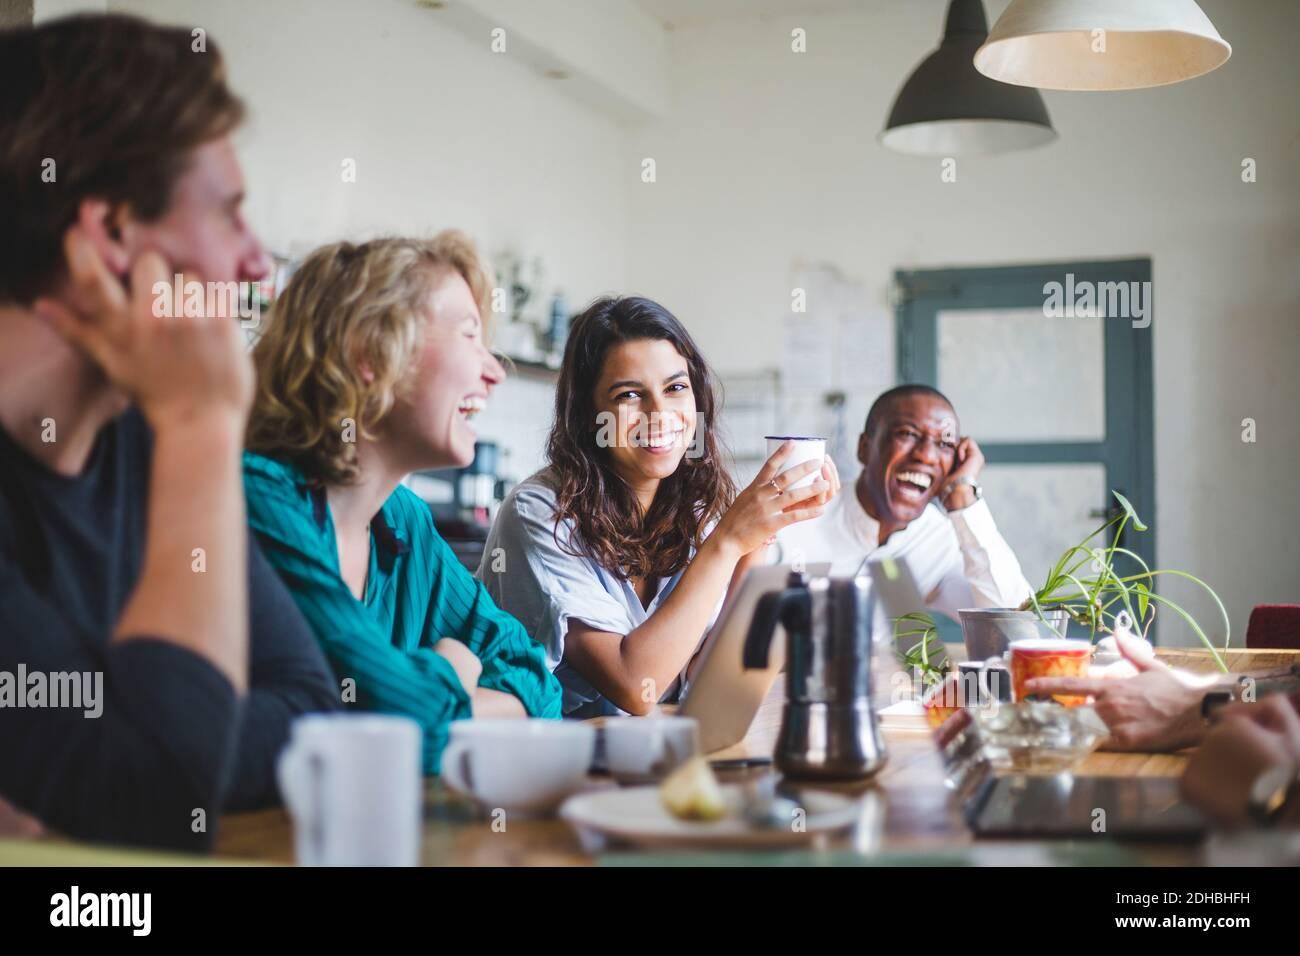 Retrato de alegre joven programador de computadoras sentado con hackers en la mesa en la oficina creativa Foto de stock